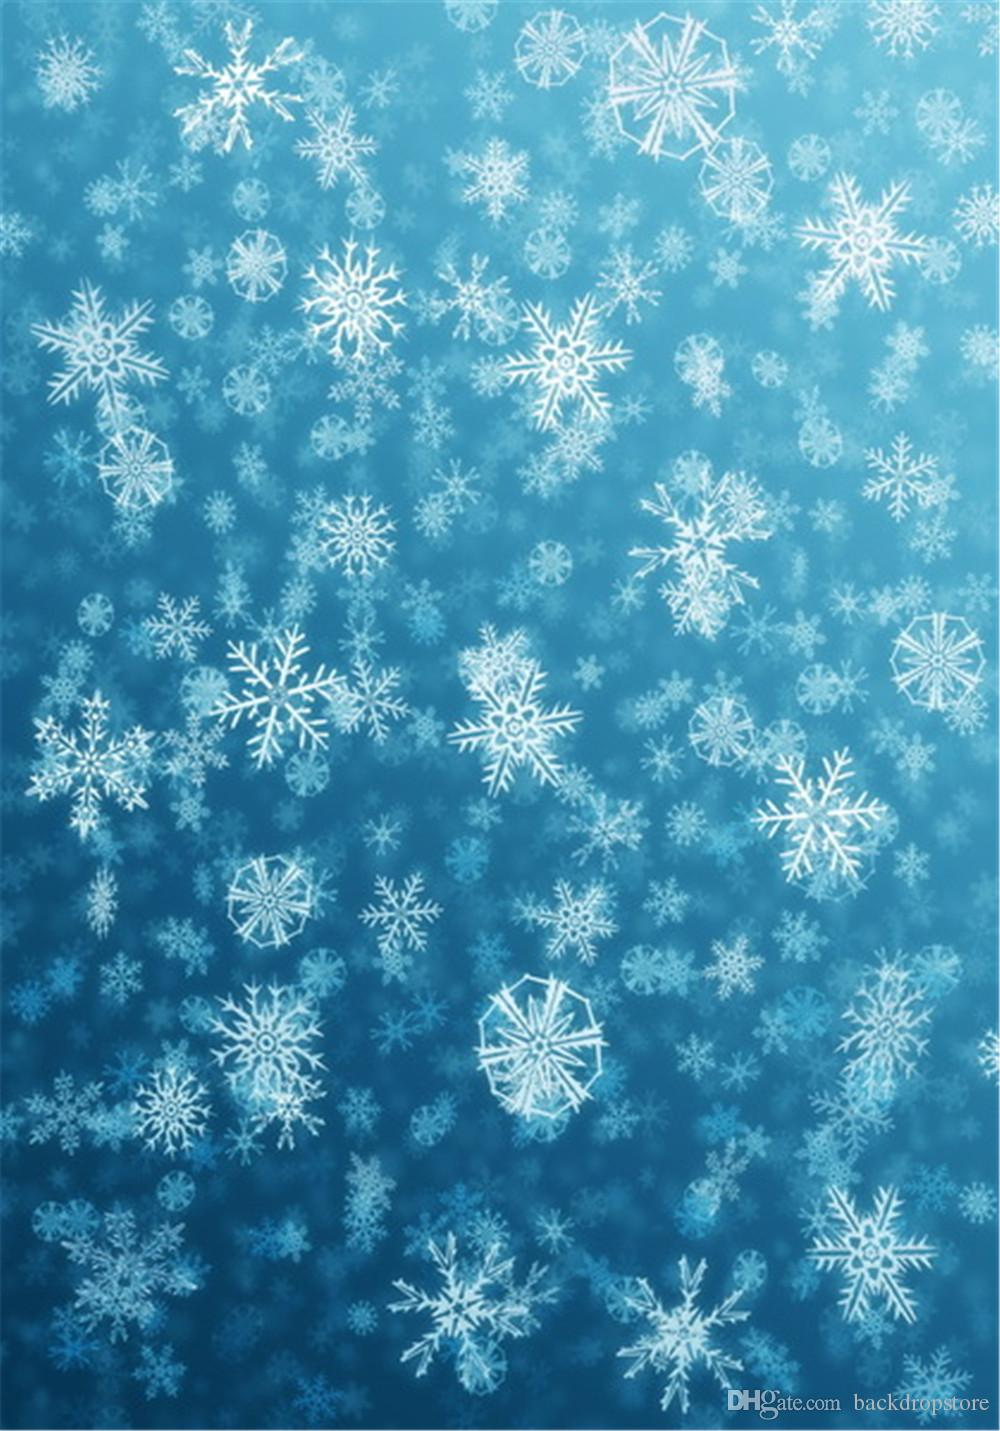 Drukowane Drukowane 3 D Płatek śniegu Tło do fotografii Jasne Niebieskie Niebo Wakacyjne Wakacyjne Dzieci Dzieci Studio Photo Shoot Tle Tapeta